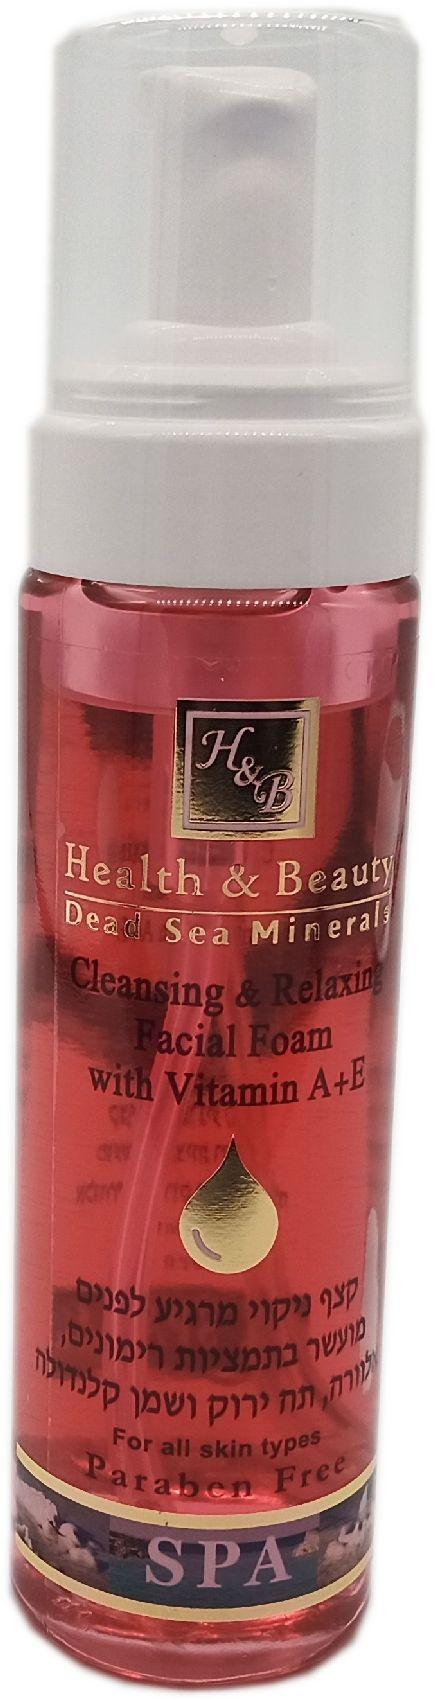 Мусс для лица очищающий и расслабляющий с витаминами А и Е Health& Beauty